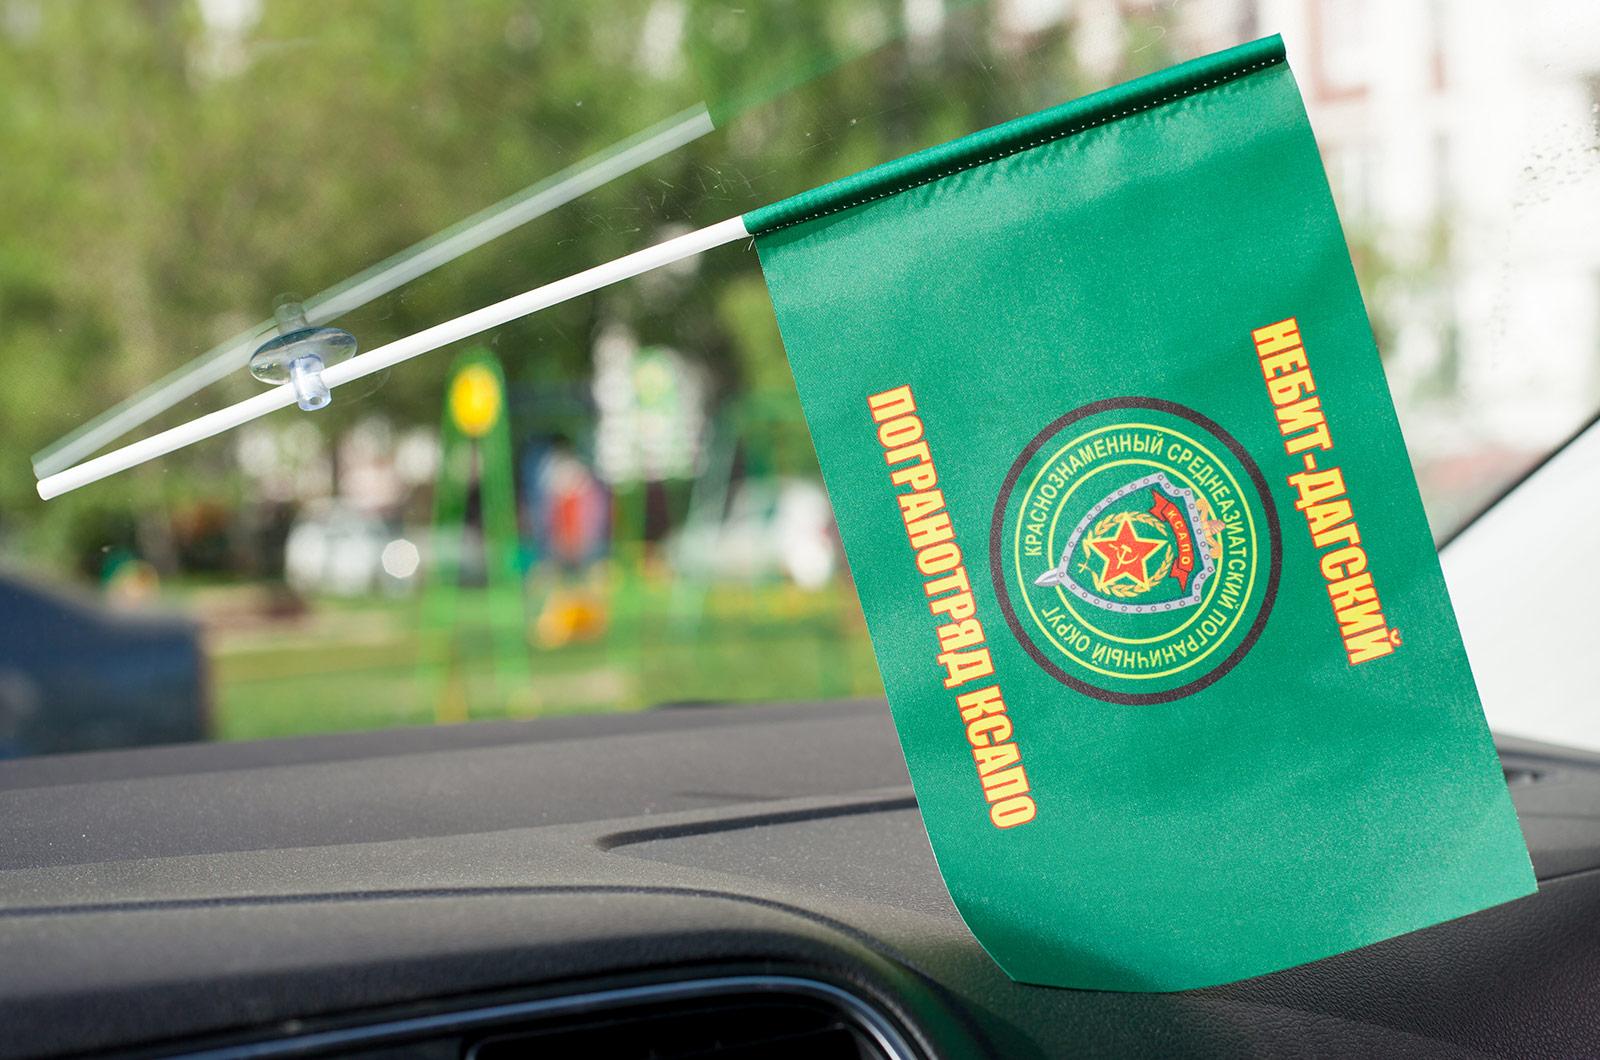 Флажок в машину «Небит-Дагский пограничный отряд»